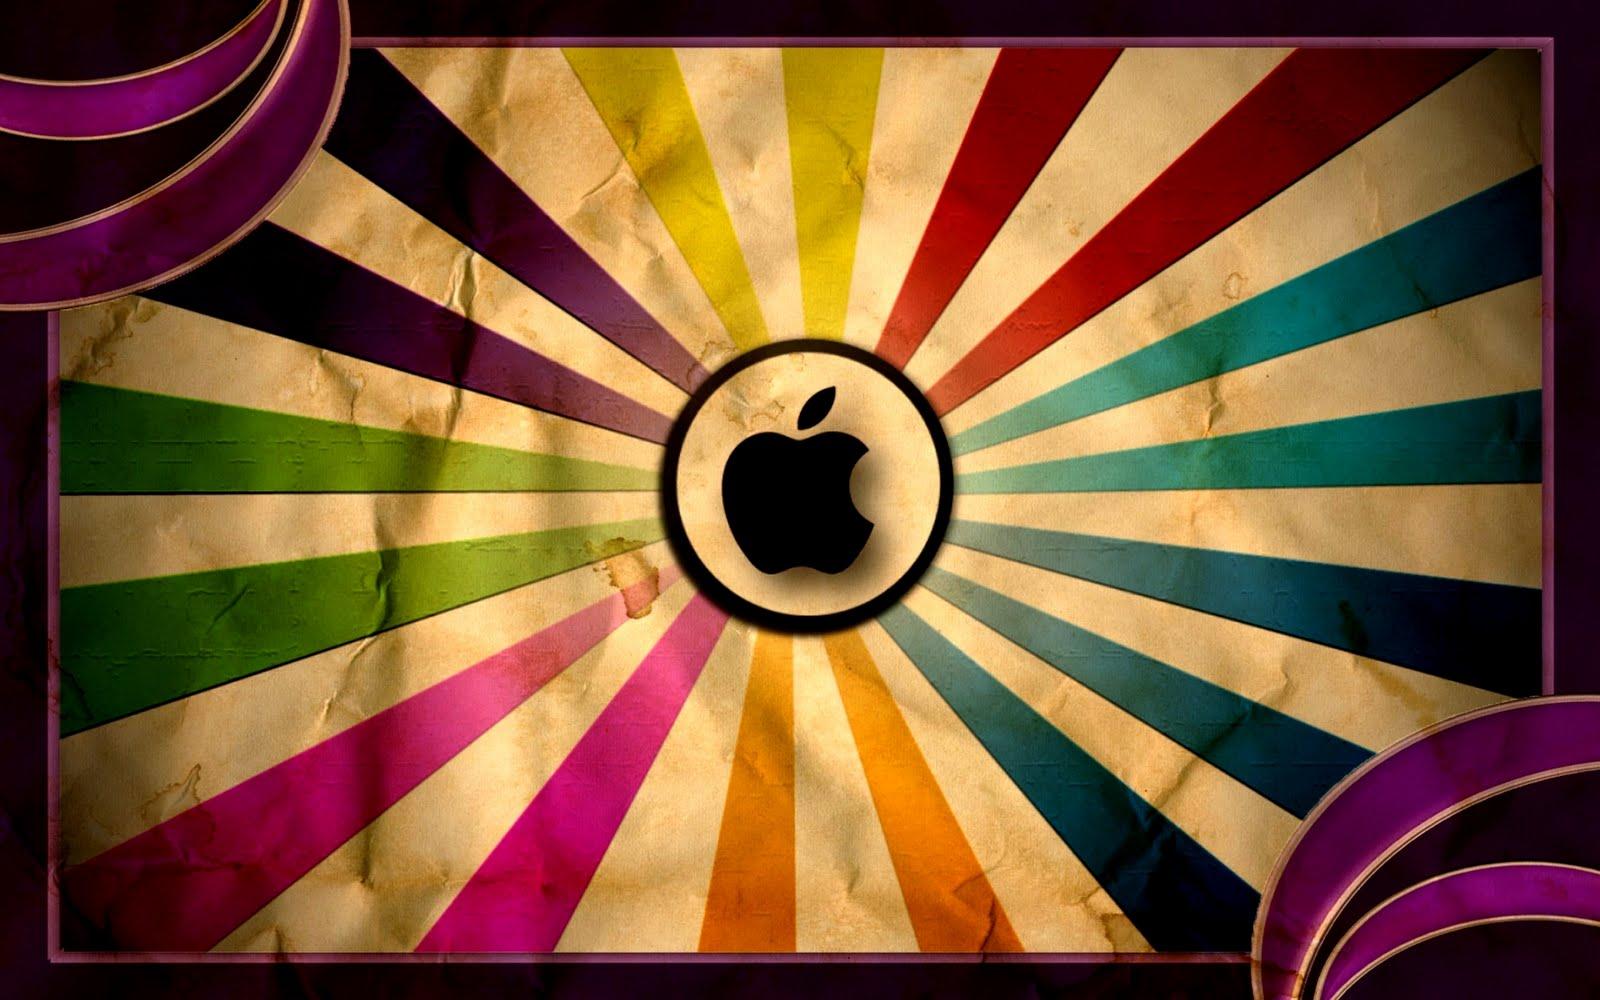 http://2.bp.blogspot.com/_Jx0sqzELZiE/THzGu6TciZI/AAAAAAAAABA/jS4hb7Pue28/s1600/Apps%26Progs+(16).jpg